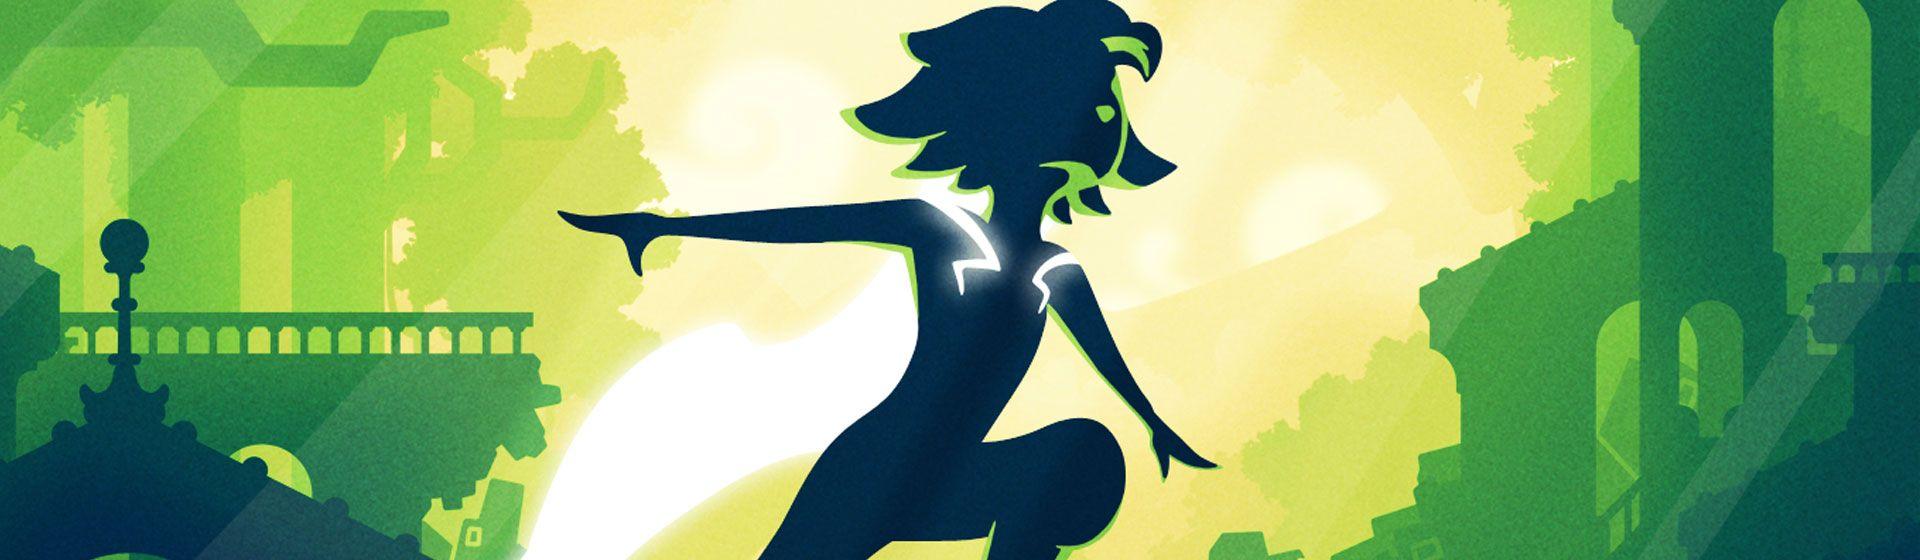 Games with Gold: Injustice e mais jogos grátis no Xbox em junho